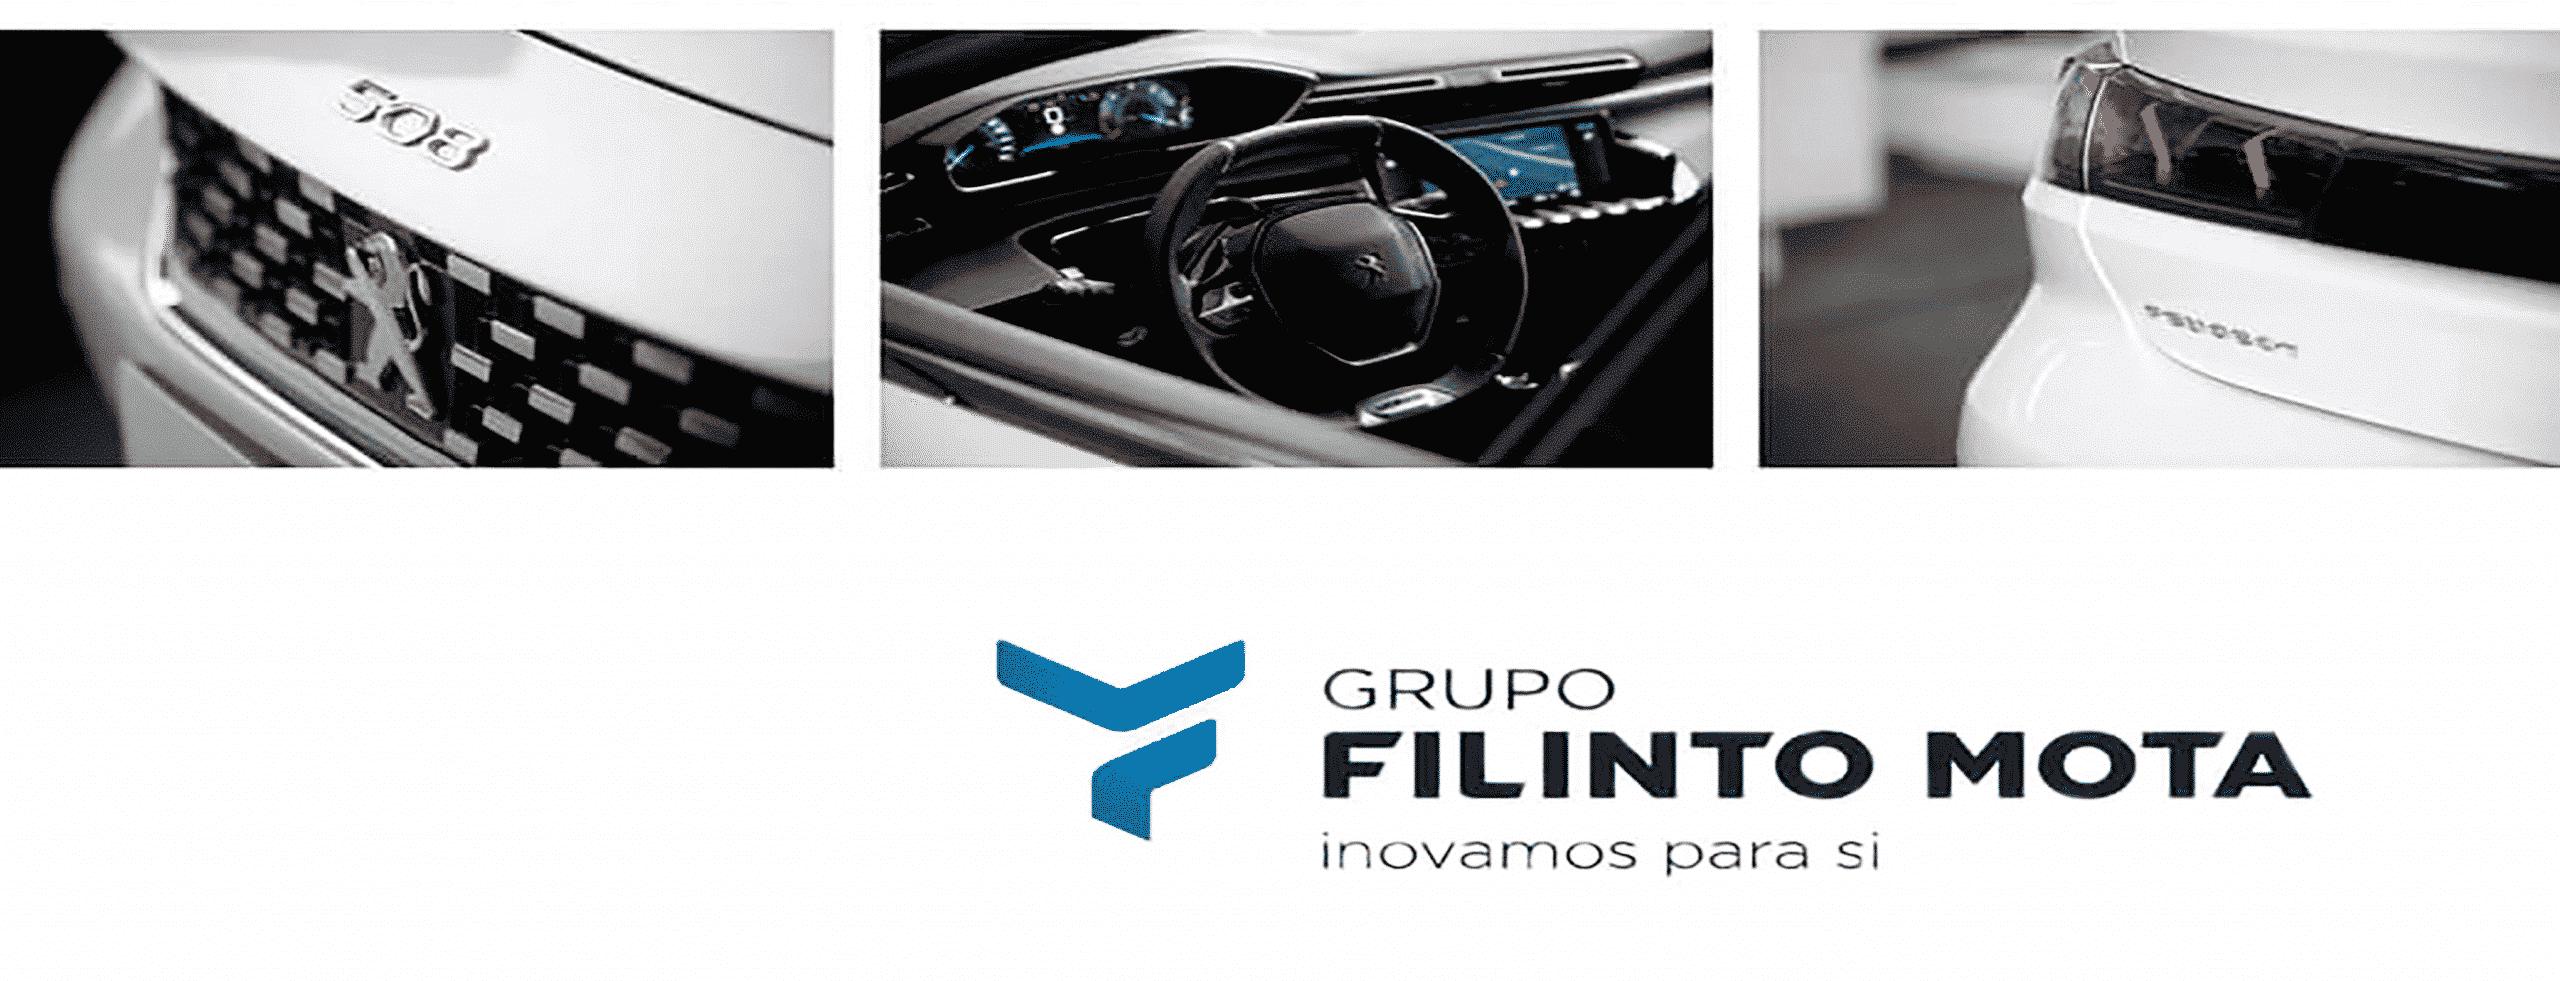 Grupo FILINTO MOTA adquire a mais recente versão do sisqual time&access